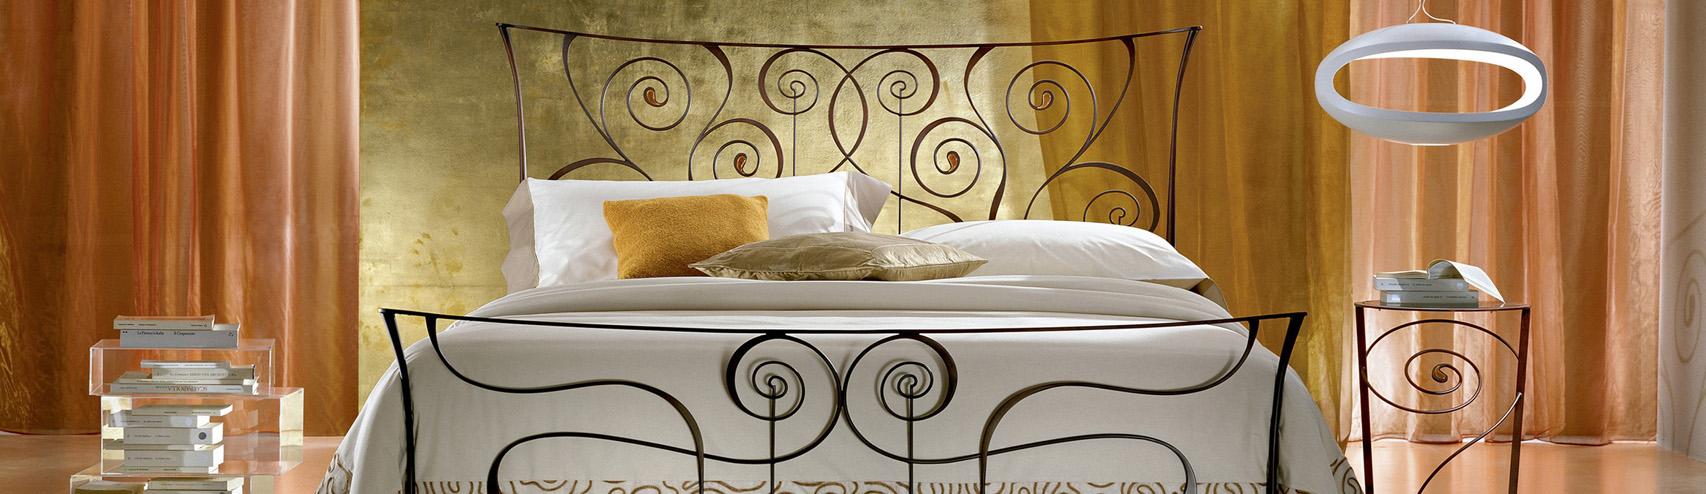 forja beltran decoracion muebles de forja camas forja cabeceros forja arte y forja decoracion. Black Bedroom Furniture Sets. Home Design Ideas